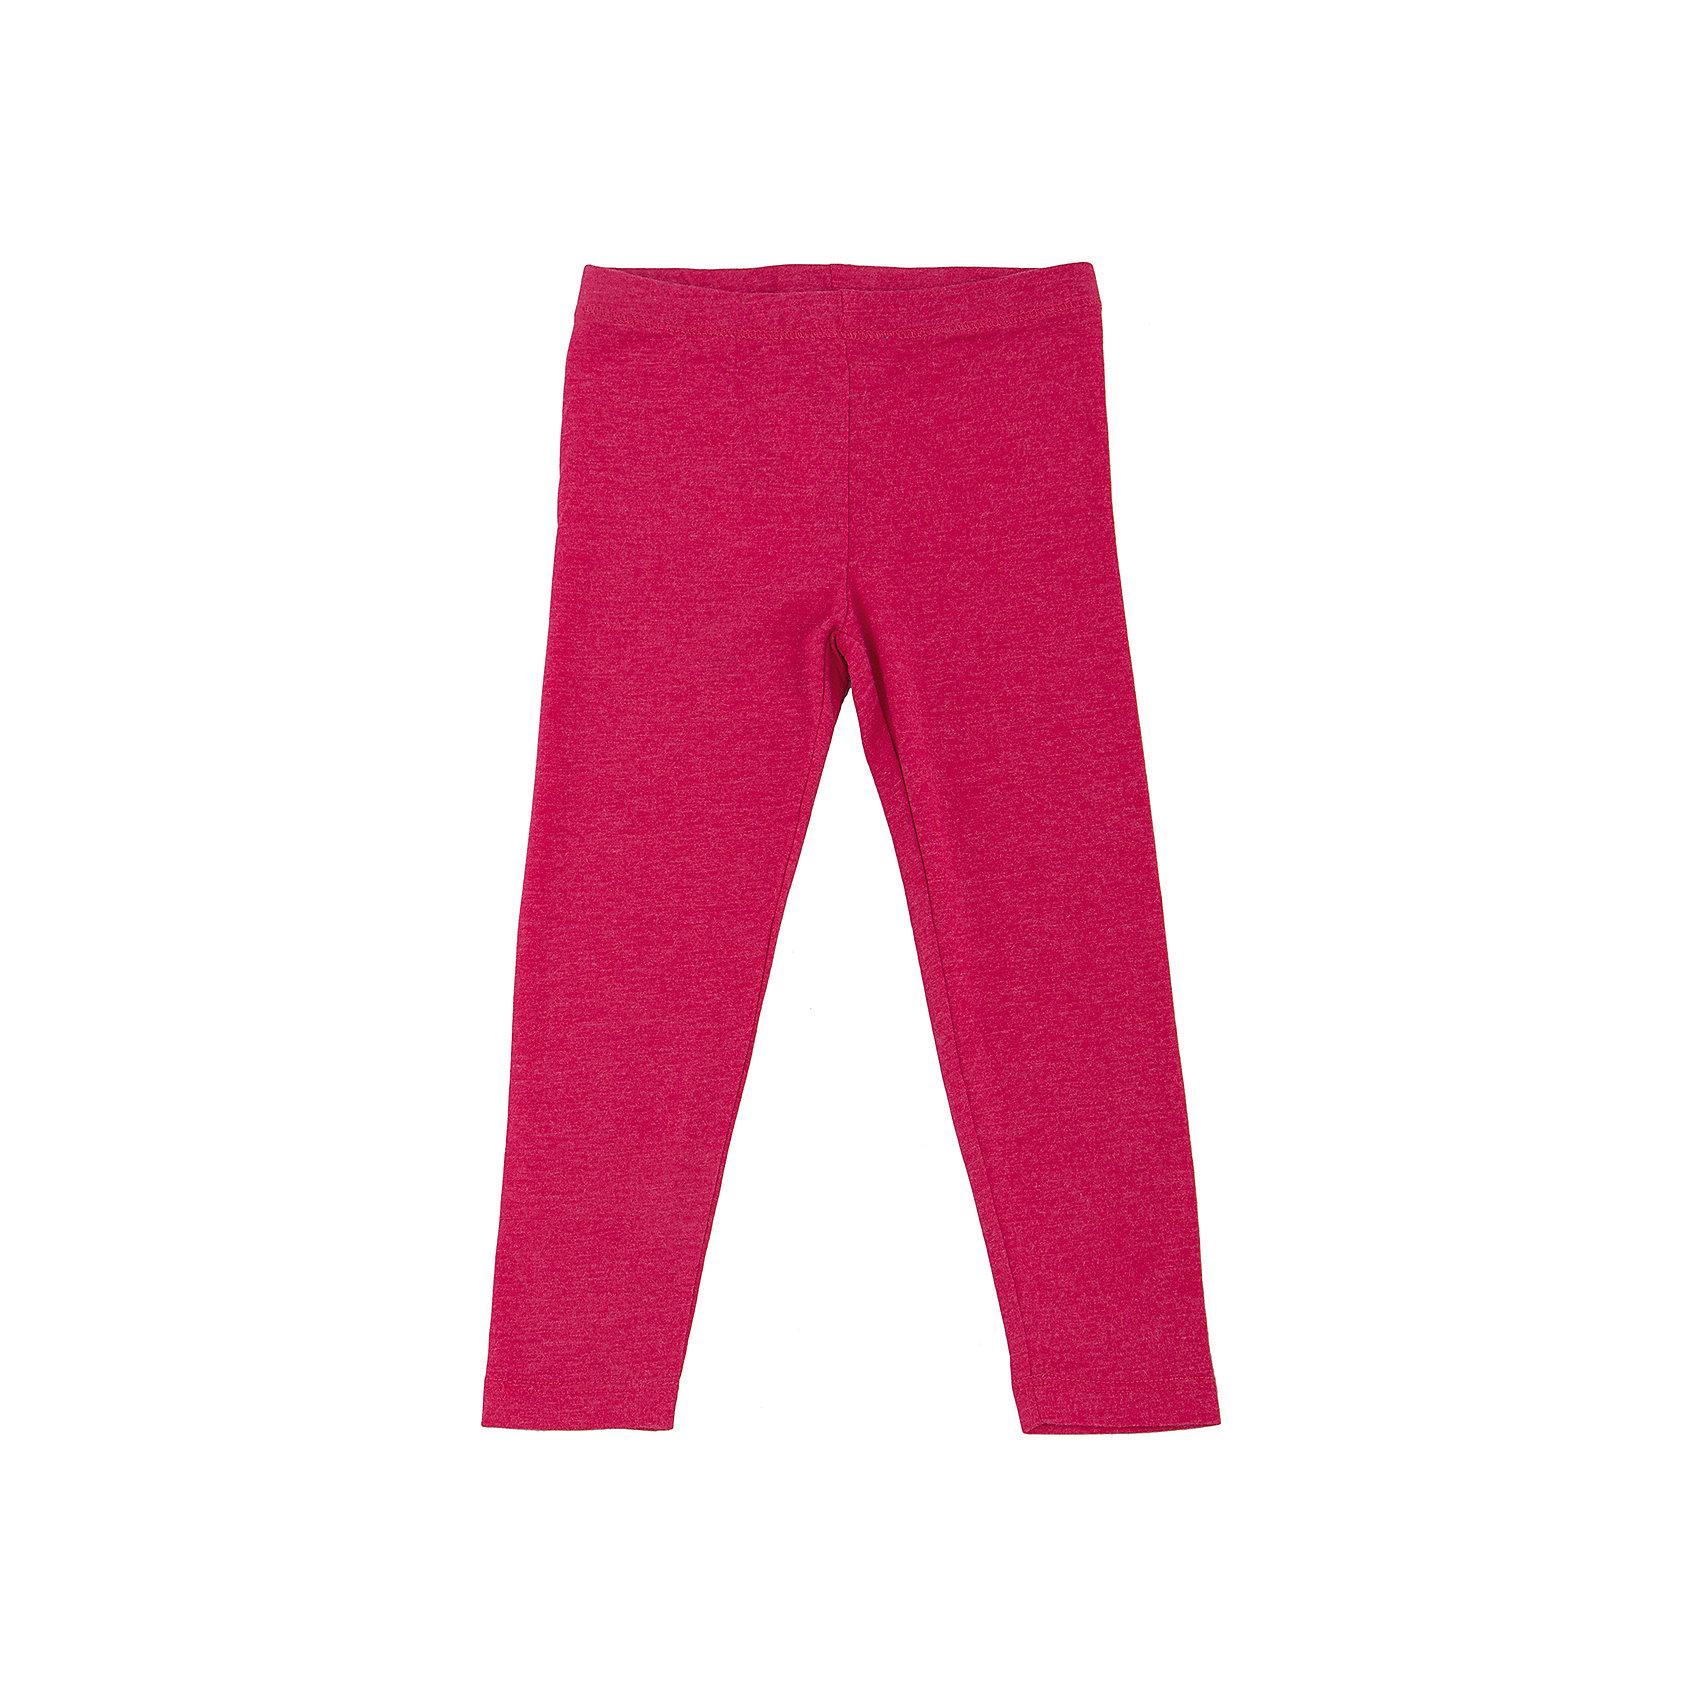 Леггинсы для девочки SELAЛеггинсы - незаменимая вещь в детском гардеробе. Эта модель отлично сидит на ребенке, она сшита из приятного на ощупь материала, натуральный хлопок не вызывает аллергии и обеспечивает ребенку комфорт. Модель станет отличной базовой вещью, которая будет уместна в различных сочетаниях.<br>Одежда от бренда Sela (Села) - это качество по приемлемым ценам. Многие российские родители уже оценили преимущества продукции этой компании и всё чаще приобретают одежду и аксессуары Sela.<br><br>Дополнительная информация:<br><br>материал: хлопок 95%, эластан 5%;<br>эластичный материал;<br>резинка на поясе.<br><br>Леггинсы для девочки от бренда Sela можно купить в нашем интернет-магазине.<br><br>Ширина мм: 215<br>Глубина мм: 88<br>Высота мм: 191<br>Вес г: 336<br>Цвет: красный<br>Возраст от месяцев: 24<br>Возраст до месяцев: 36<br>Пол: Женский<br>Возраст: Детский<br>Размер: 98,116,92,104,110<br>SKU: 4944055